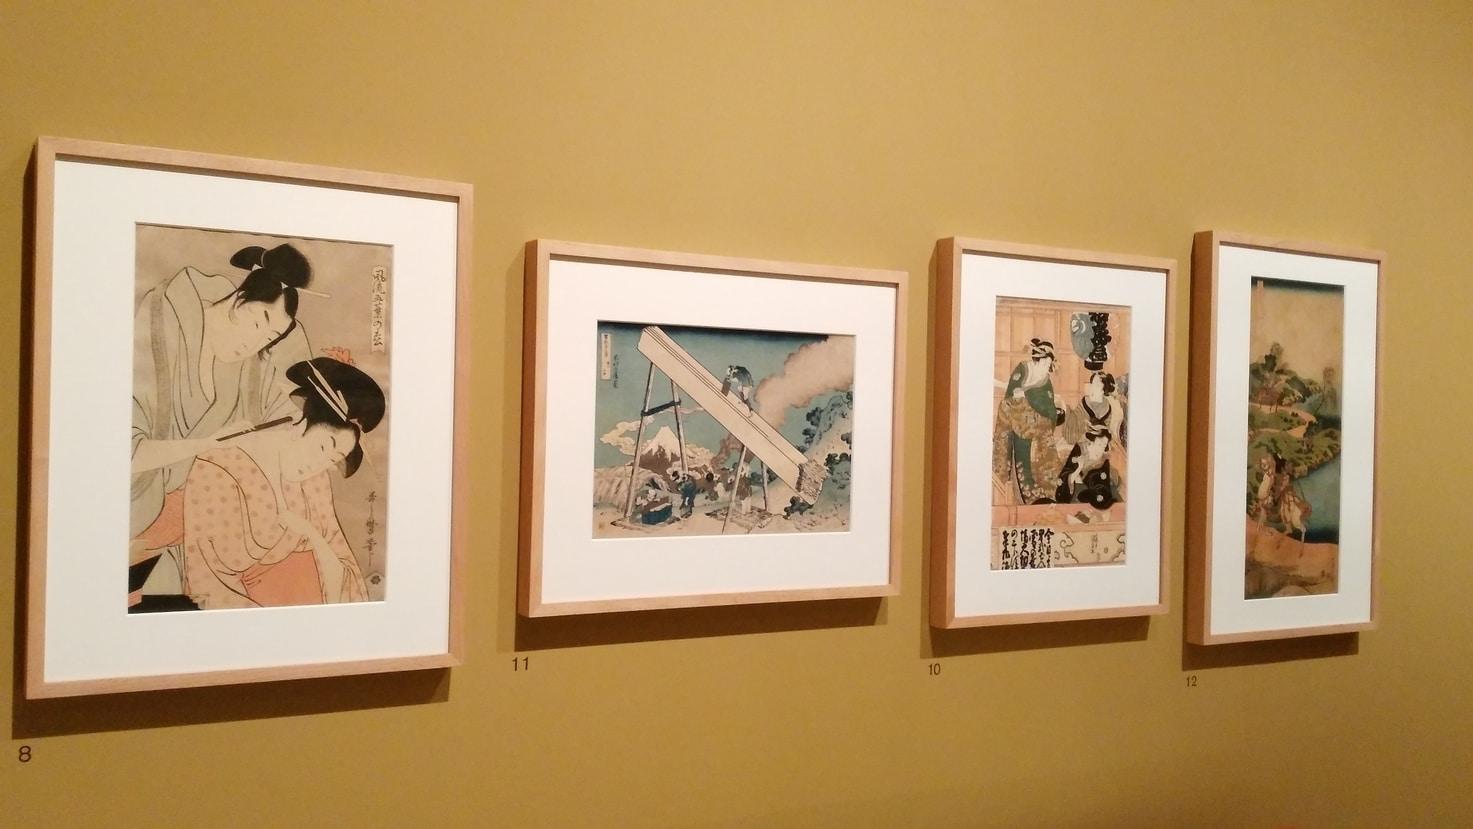 museo-thyssen-bornemisza-pintura-japonesa.jpg